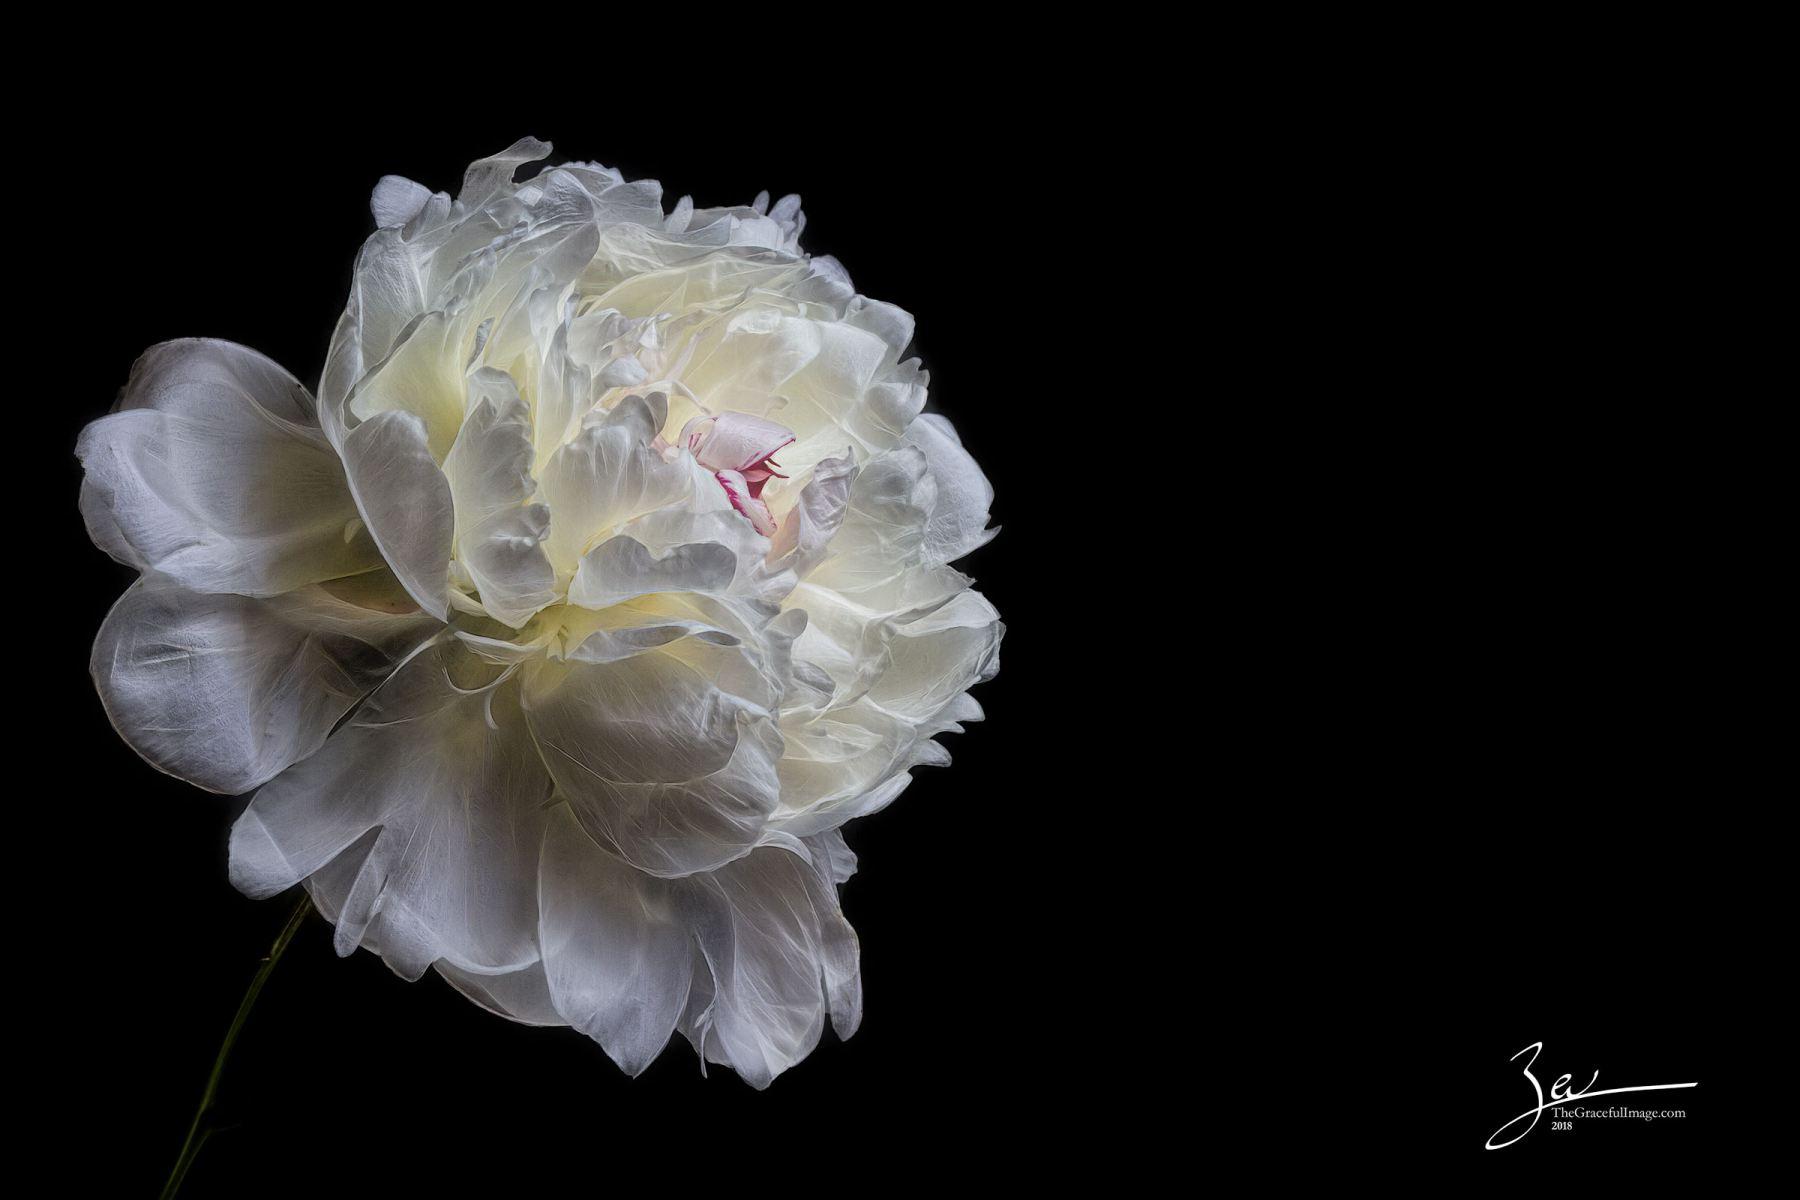 20180527_Flowers-45-wm